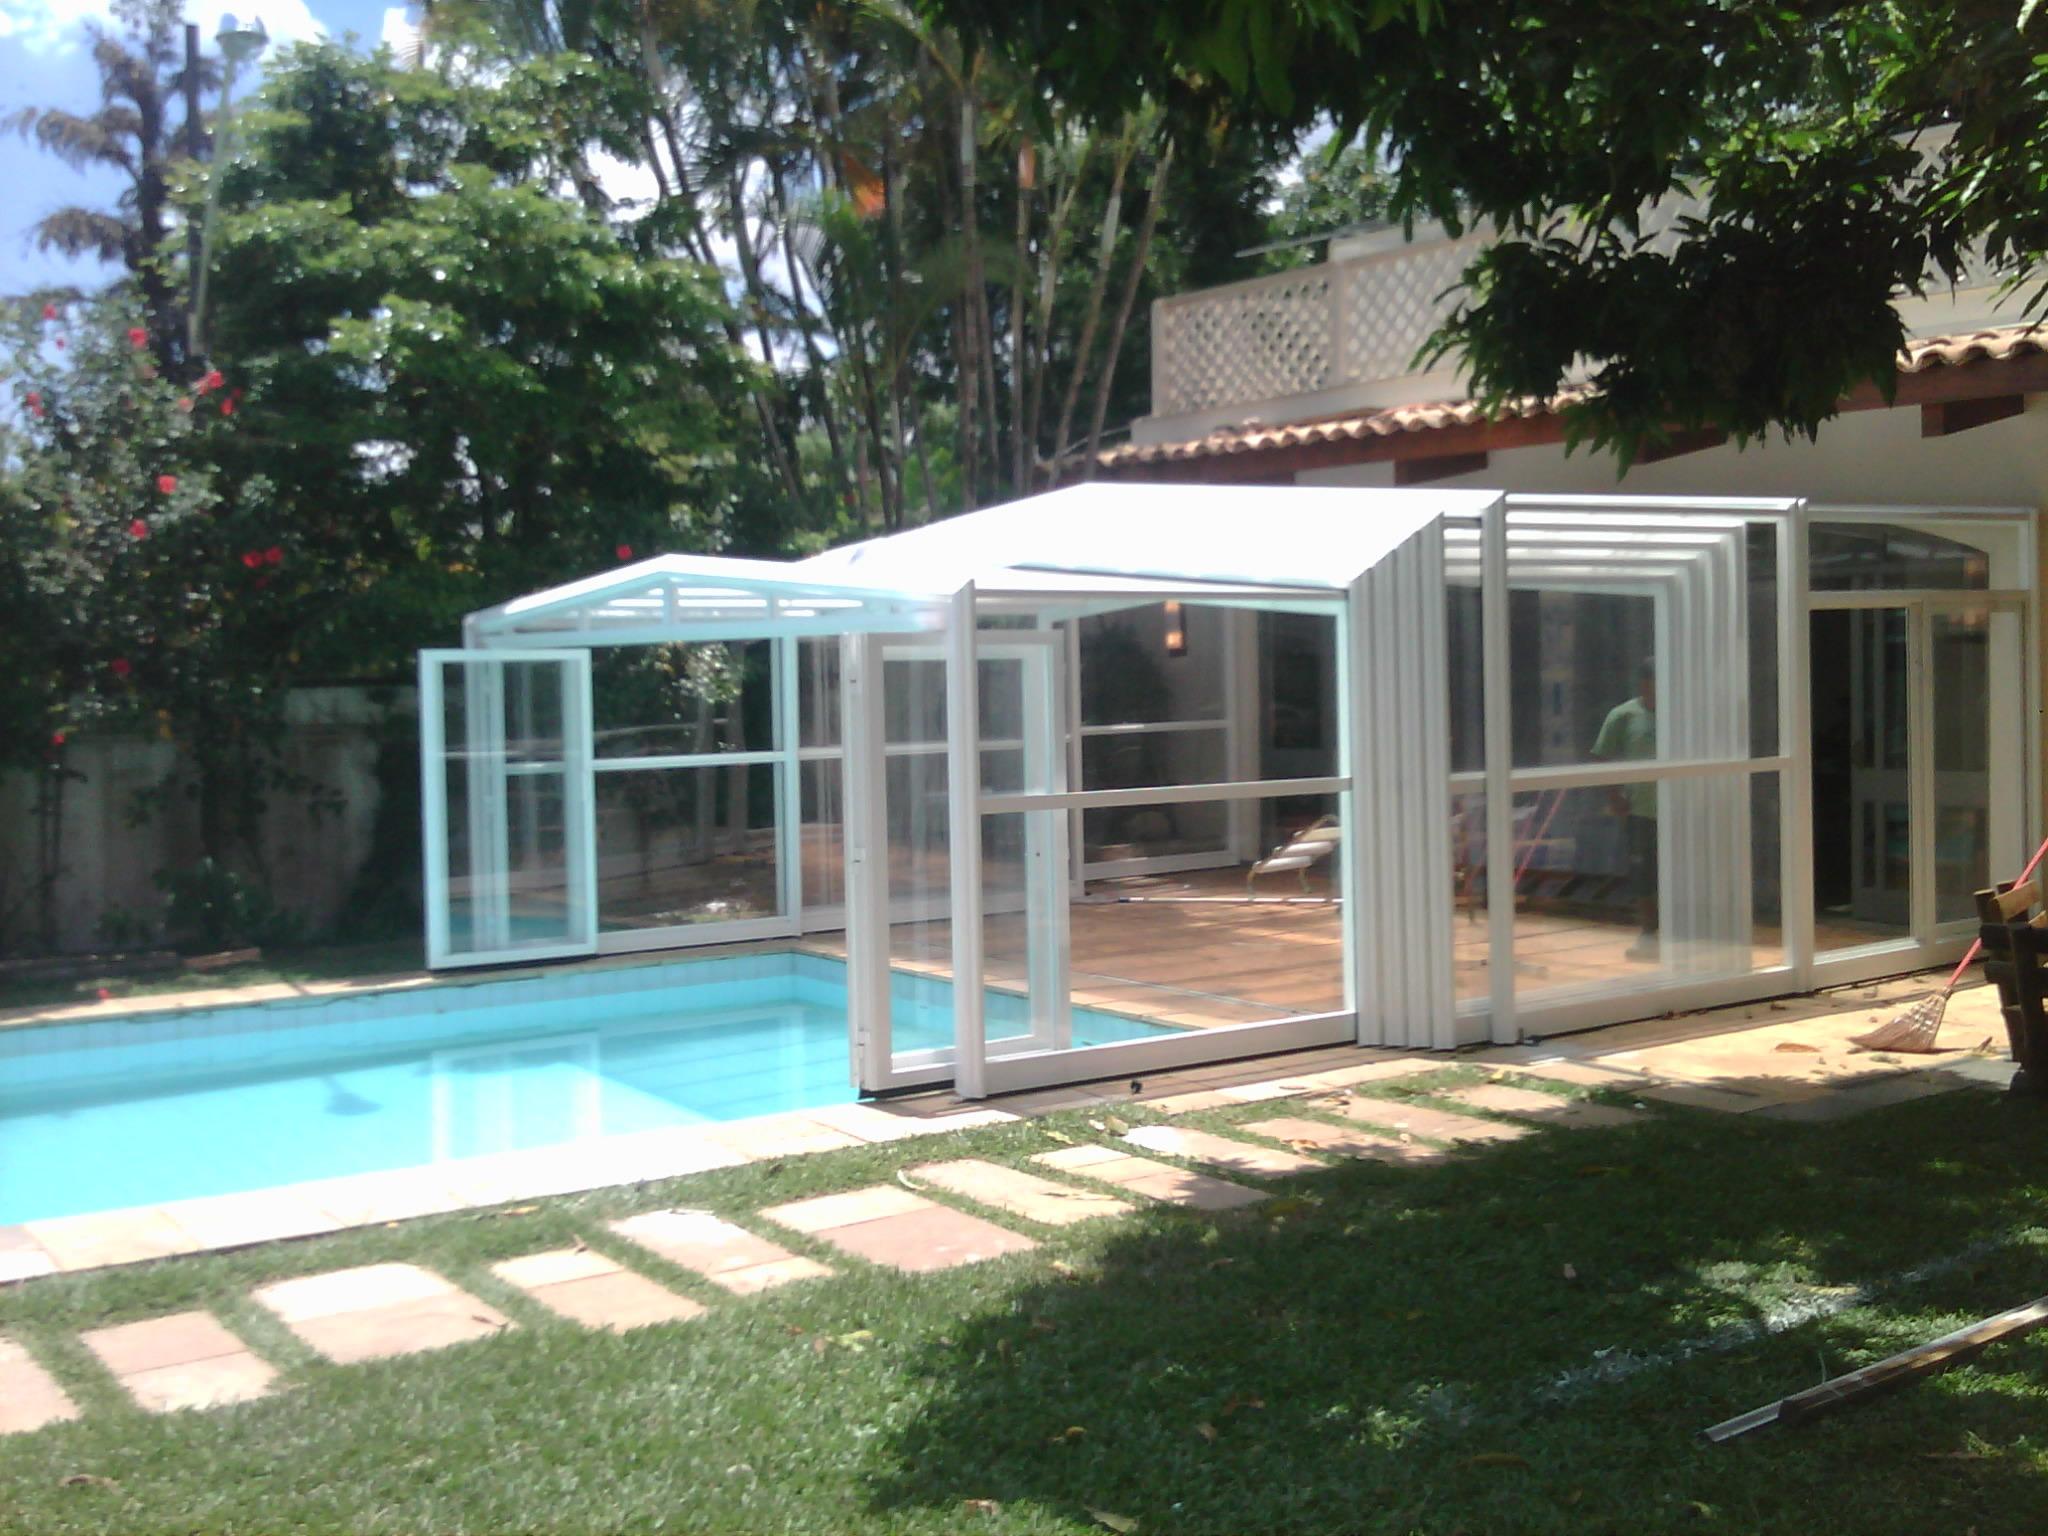 O custo benef cio de uma cobertura retr til telesc pica de for Cobertura piscina